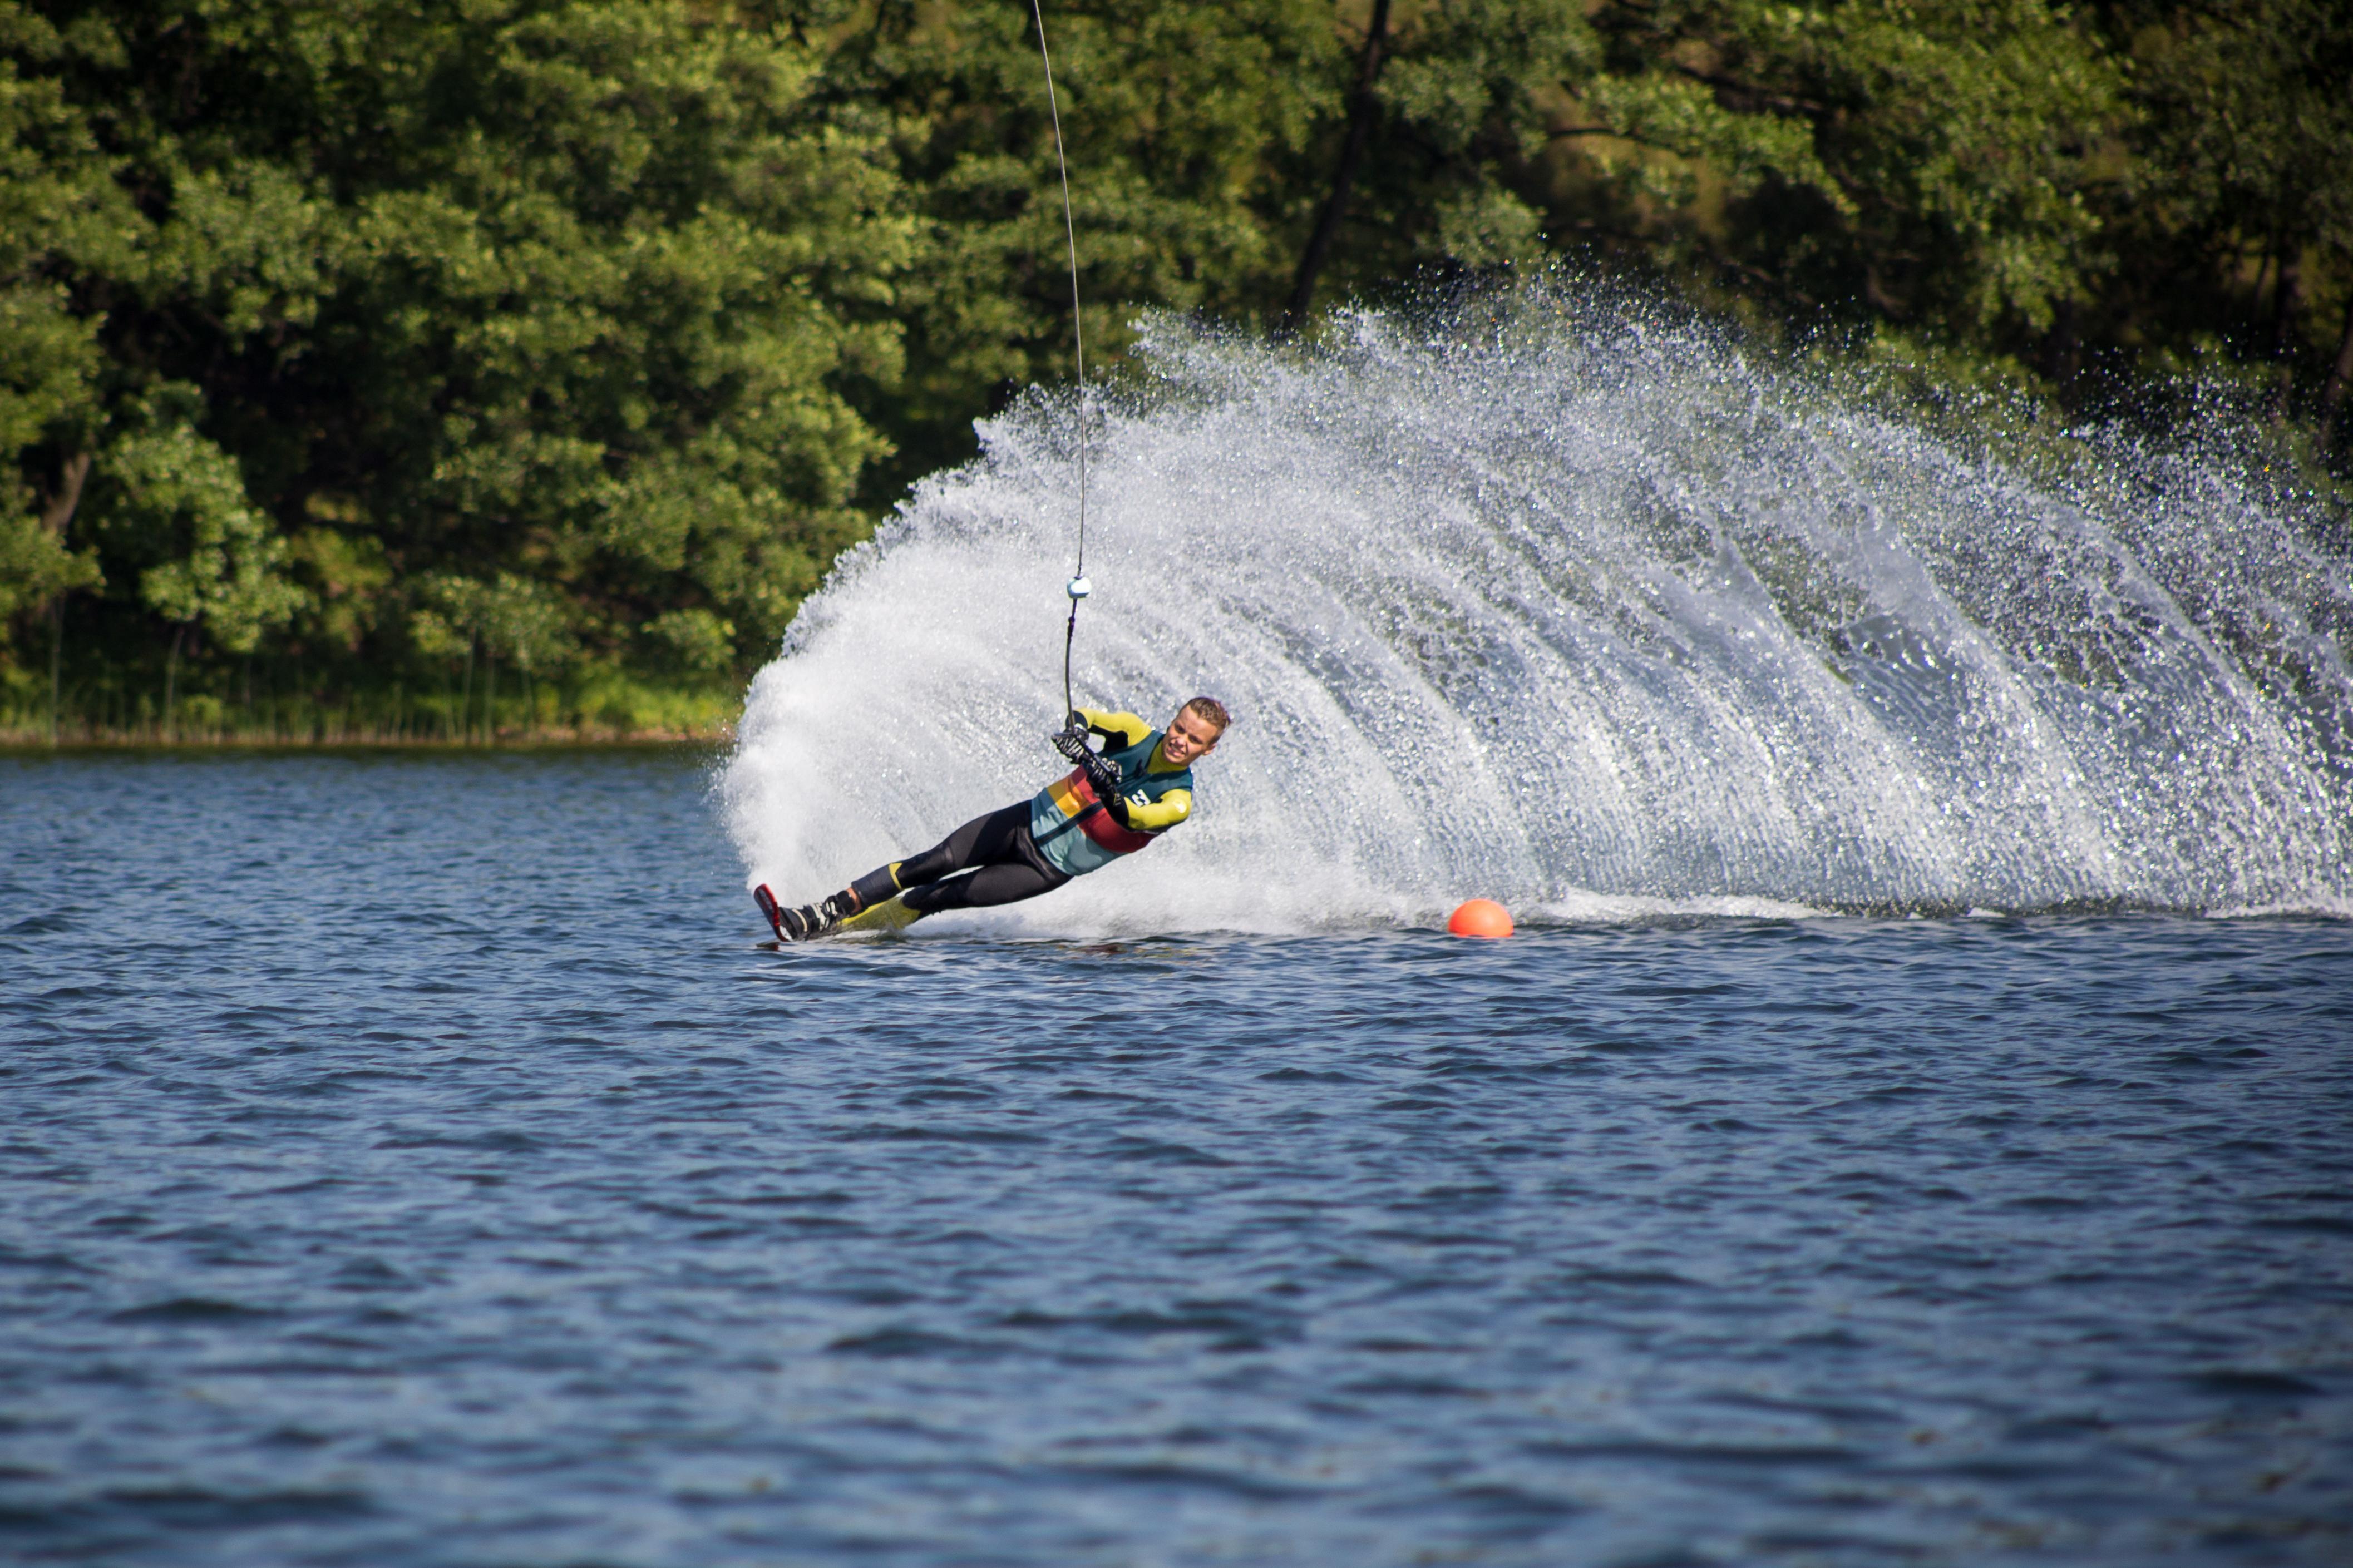 Mistrzostwa Polski w narciarstwie wodnym za wyciągiem 30.08-01.09.2018